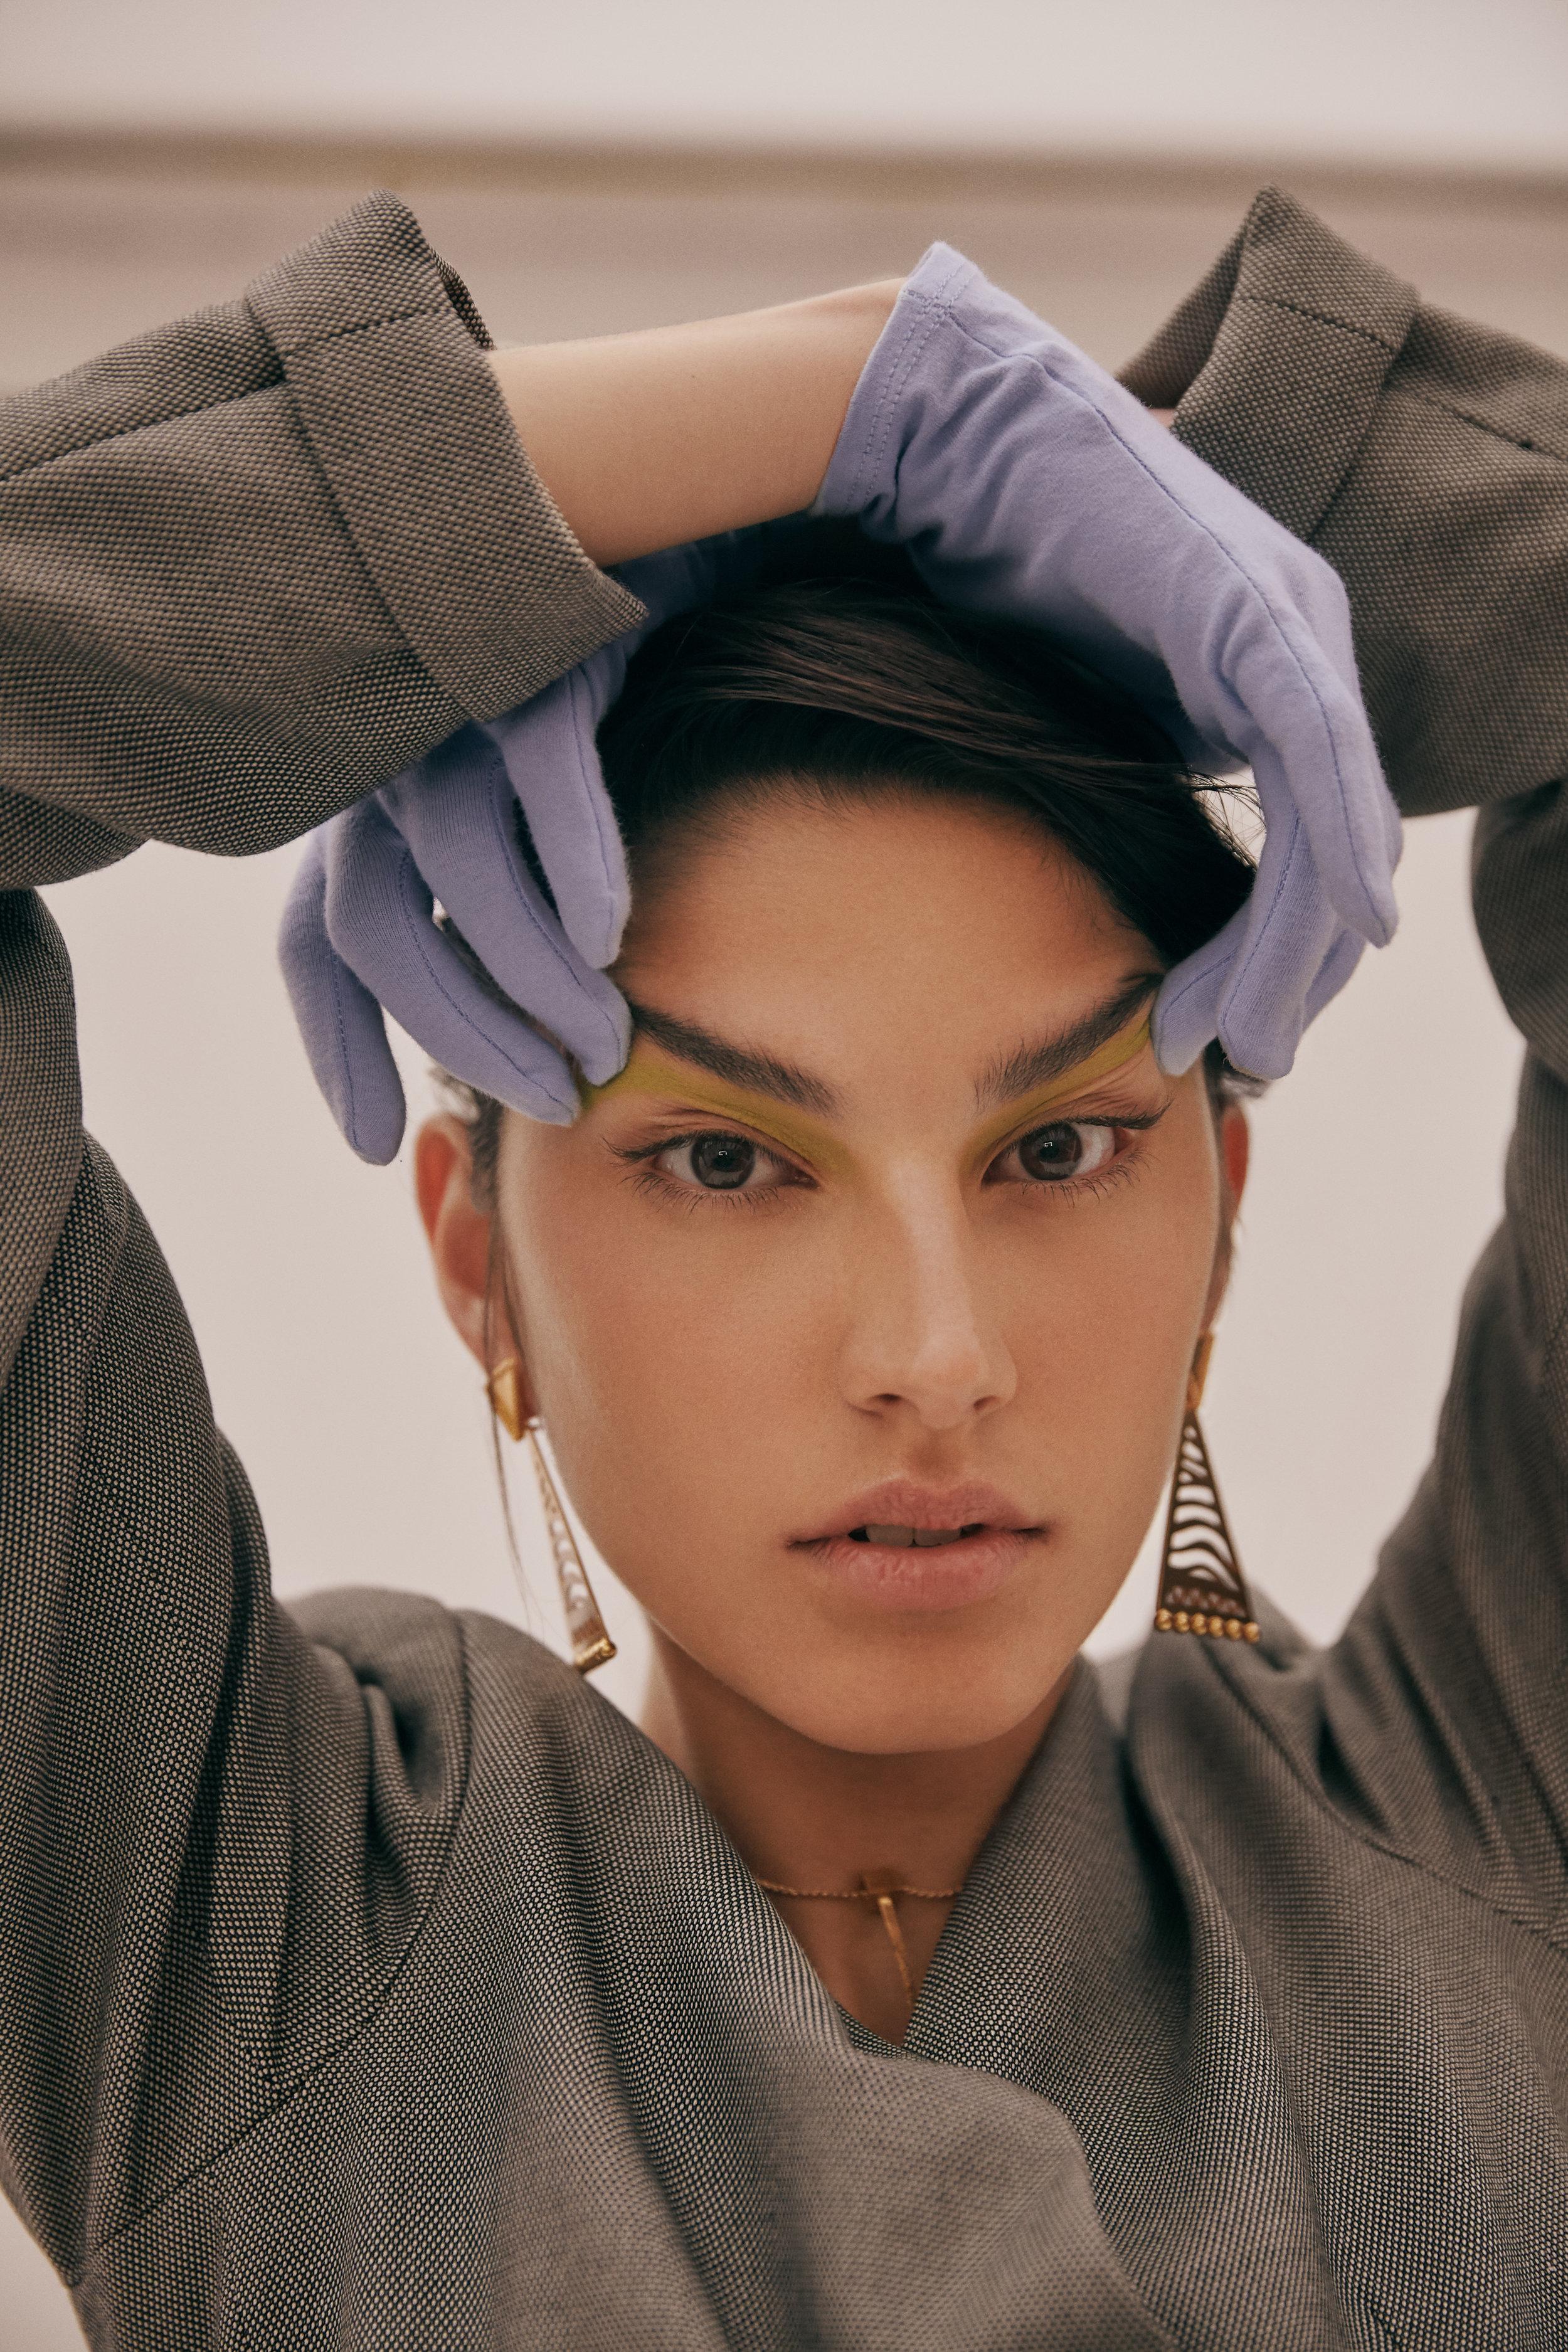 Blazer: MAZ by Manuela Alvarez - Gloves: Anonimo Vintage store - Jewelry: La Sierra Jewelry